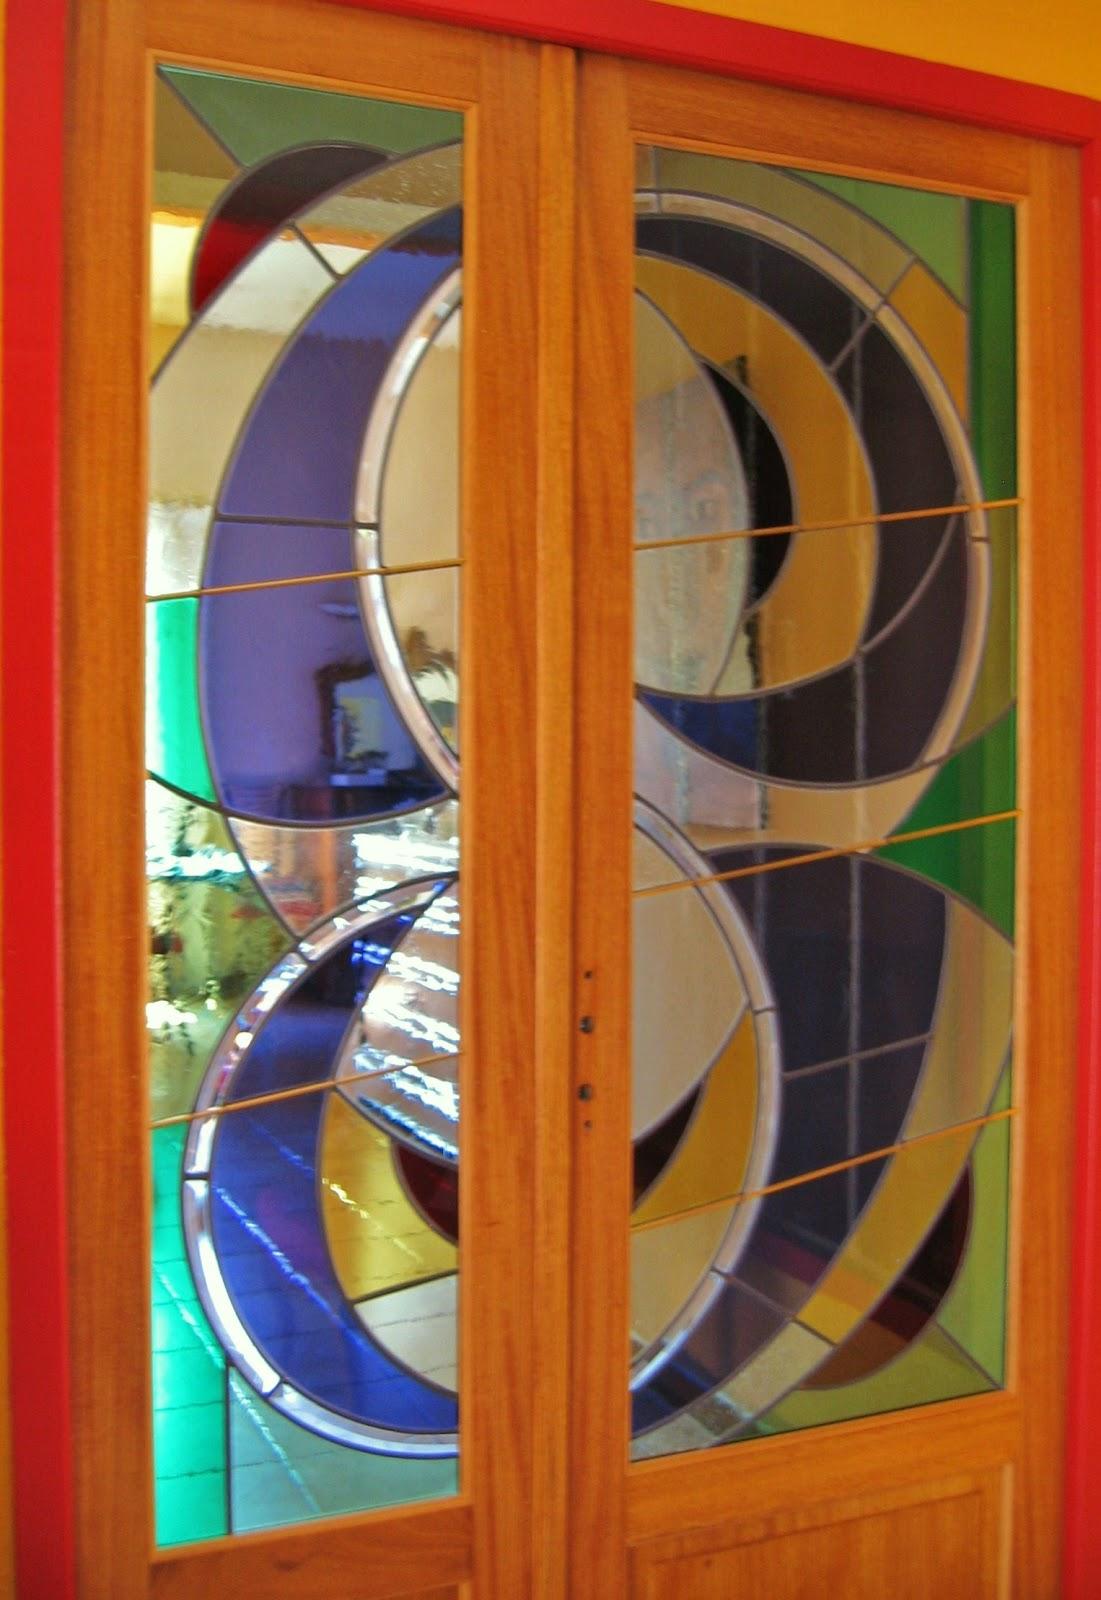 atelier verrier de clermont vitrail verre fusionn stages vitrail contemporain porte interieure. Black Bedroom Furniture Sets. Home Design Ideas